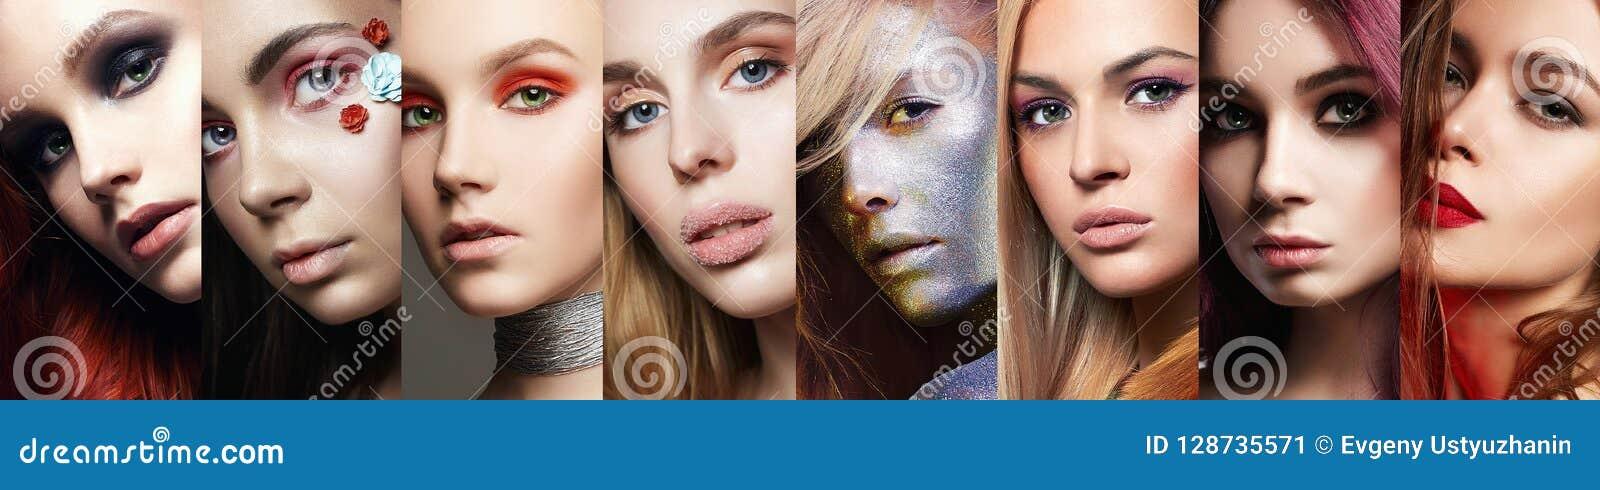 Gesichter von Frauen Frauen Make-up, schöne Mädchen